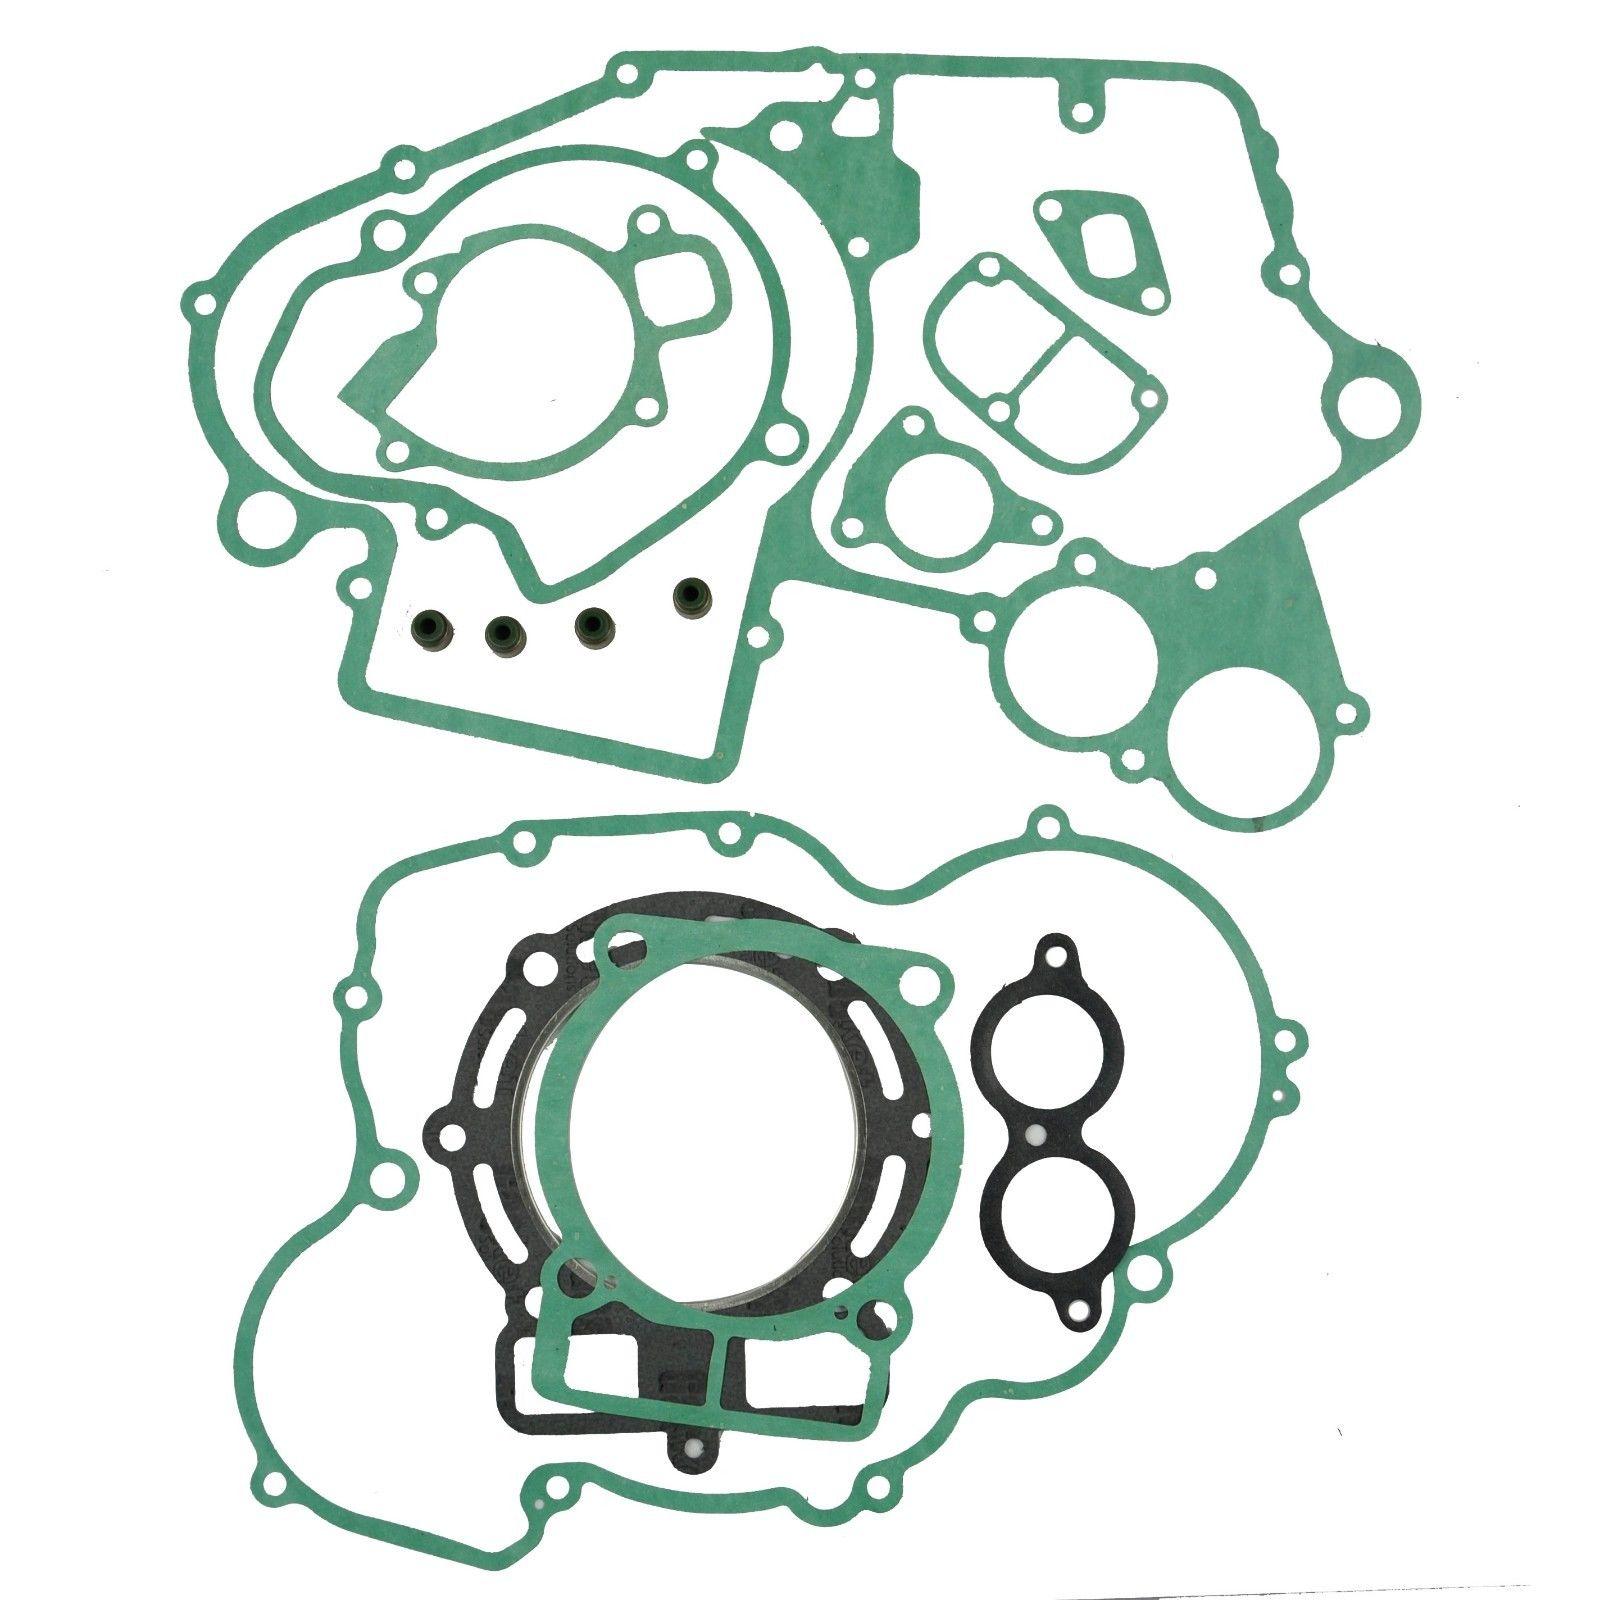 LOPOR For KTM 450SX 2003 2006 Engine Gasket Kit Cylinder Top End Crankcase Stator Clutch Cover